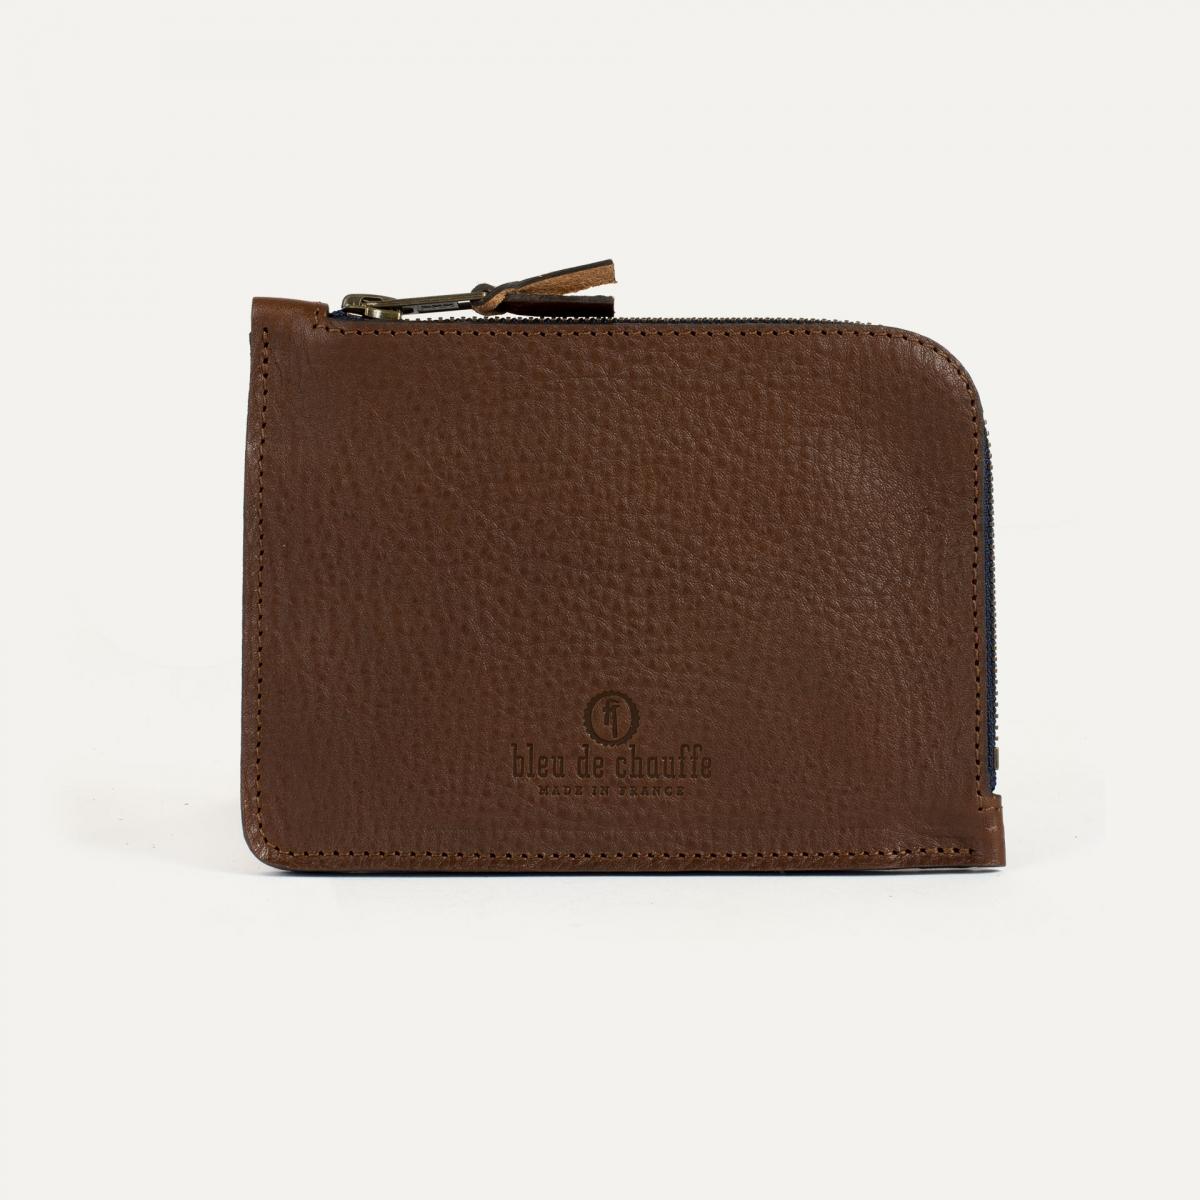 Daron zippered purse / XL - Cuba Libre (image n°1)